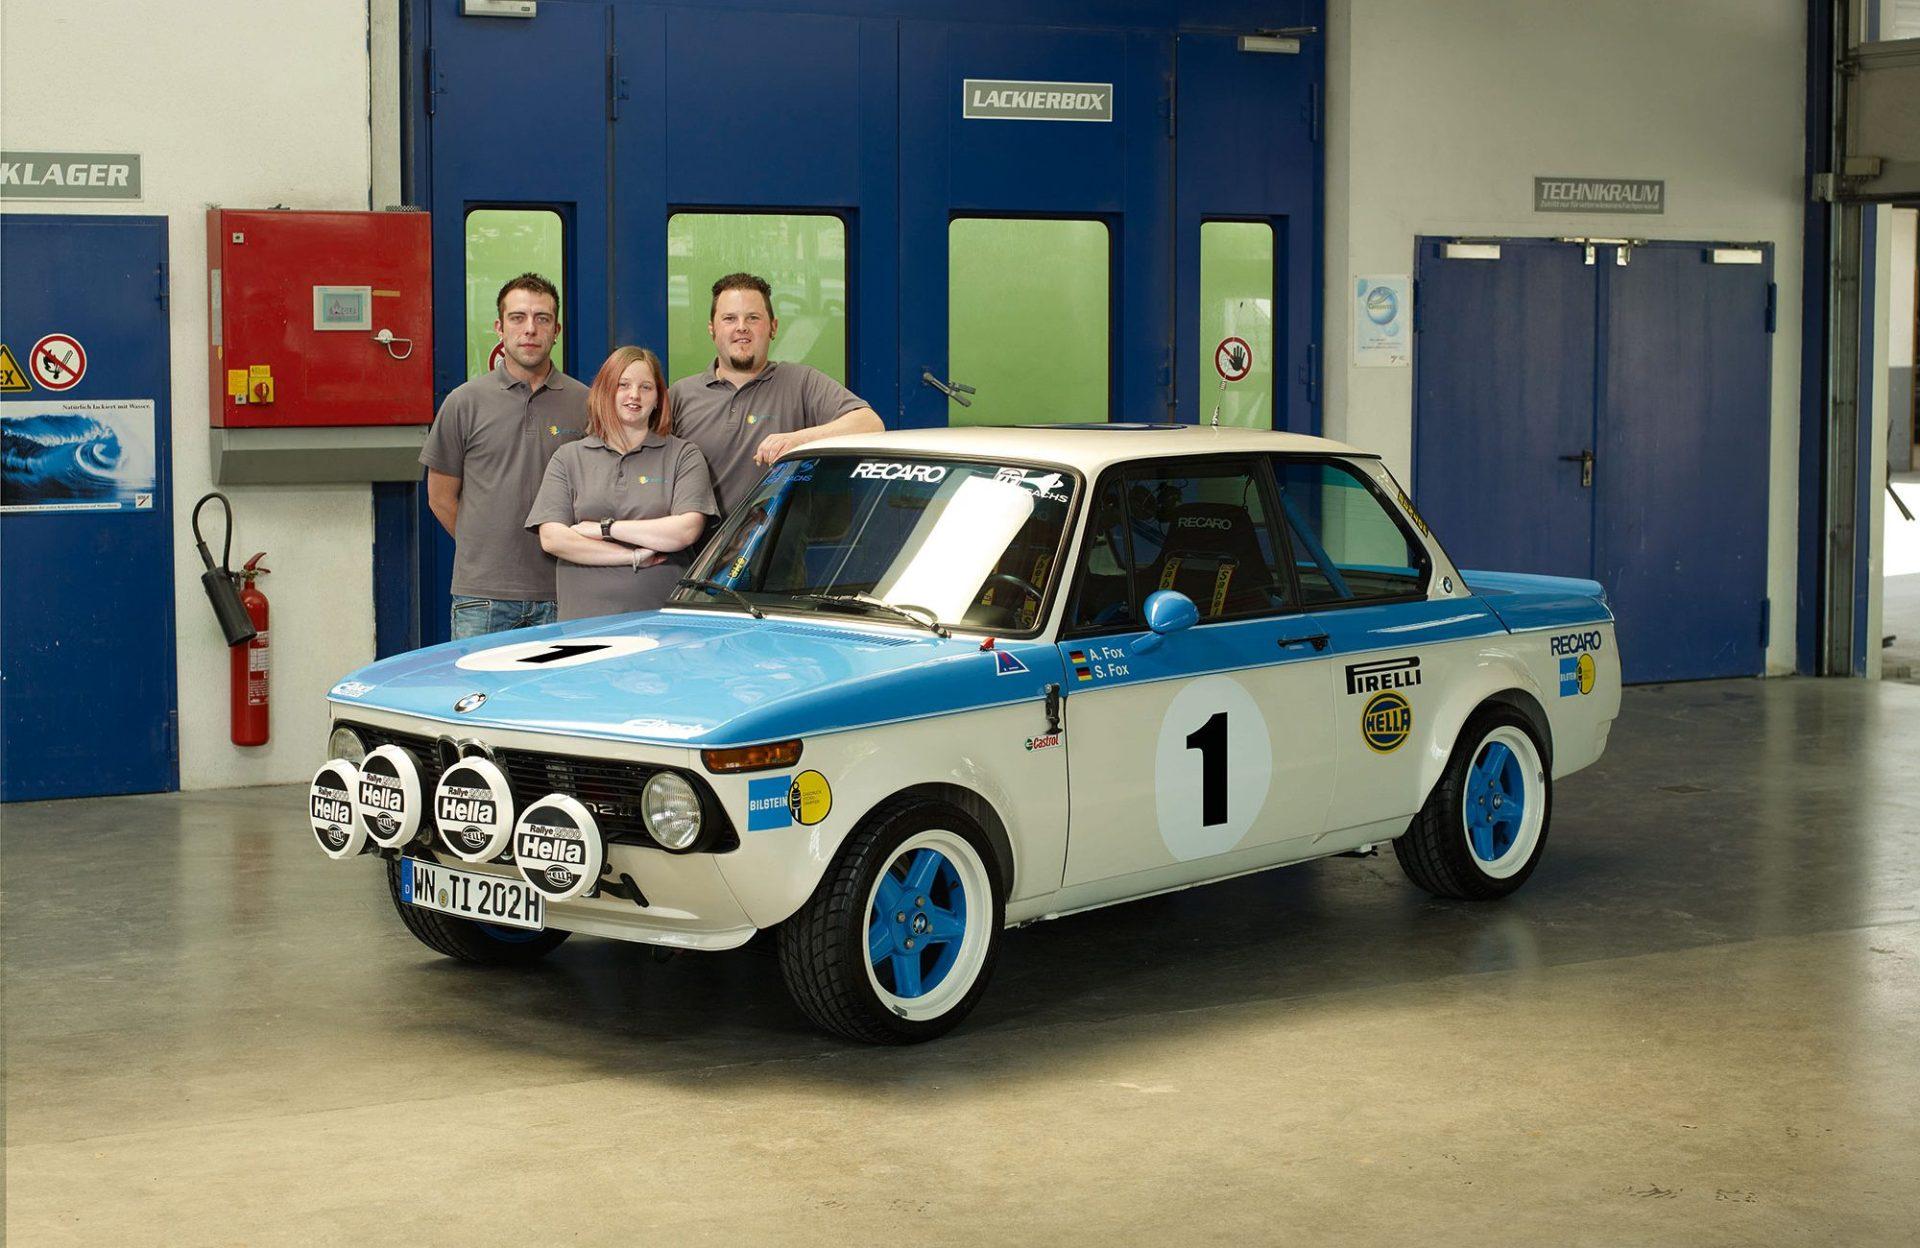 drei Menschen stehen hinter einem alten BMW mit der Nummer eins